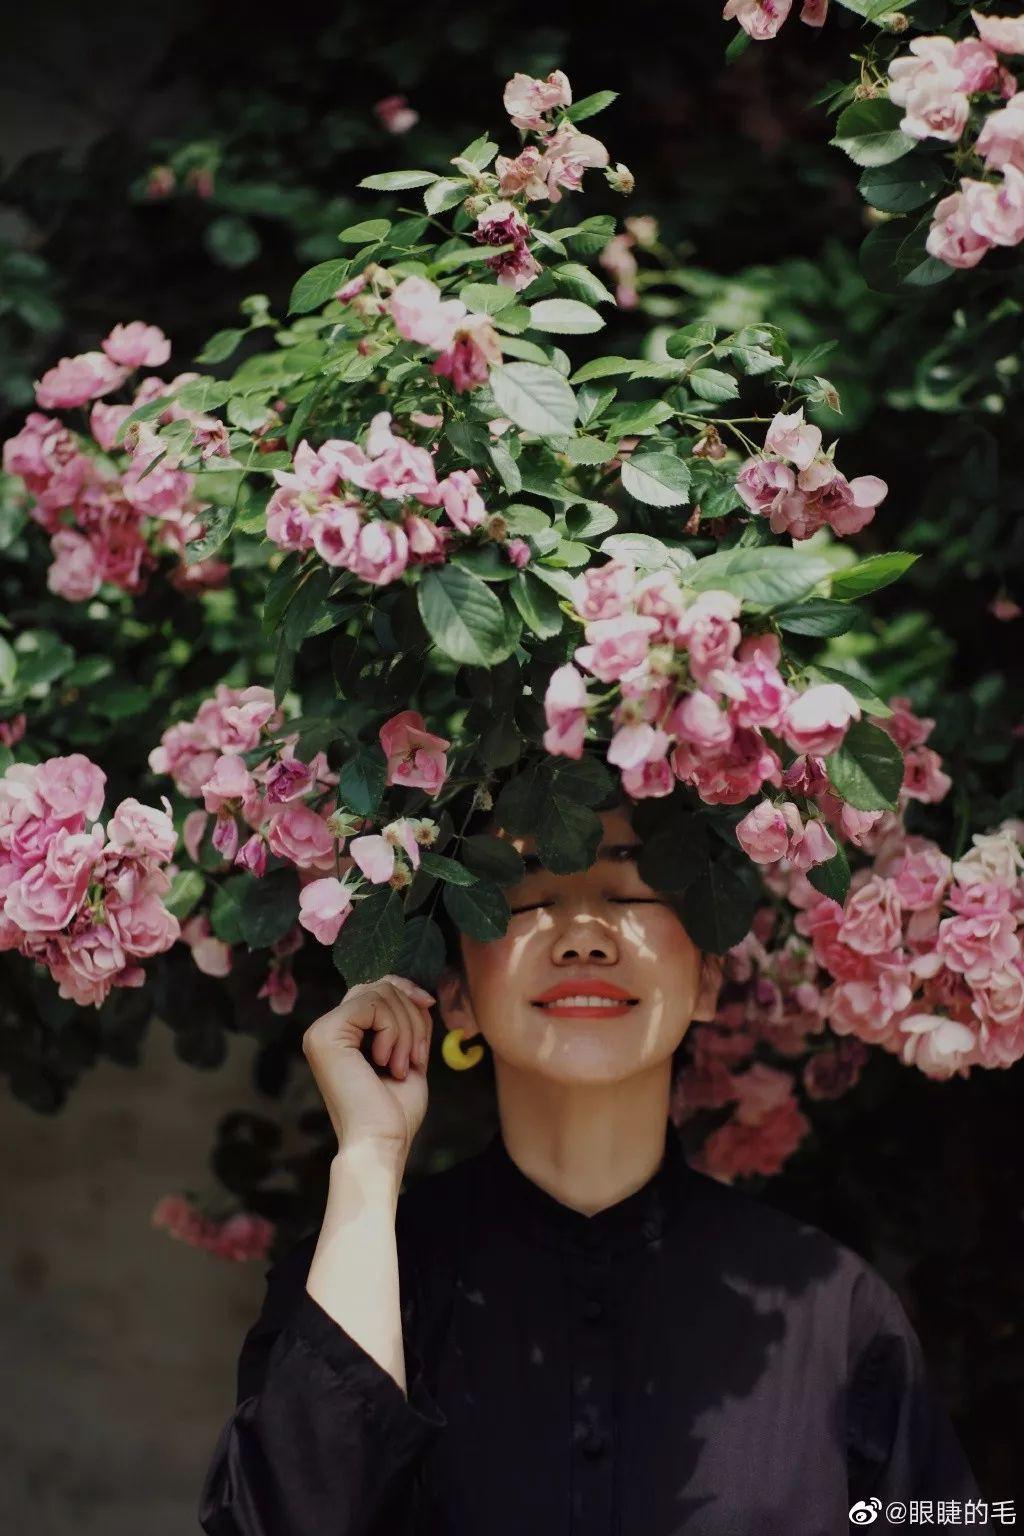 Cô gái trẻ bỏ ra 1,3 tỷ đồng cải tạo đất, mua giống hoa, biến sân nhà thành khu vườn đẹp lung linh - Hình 11